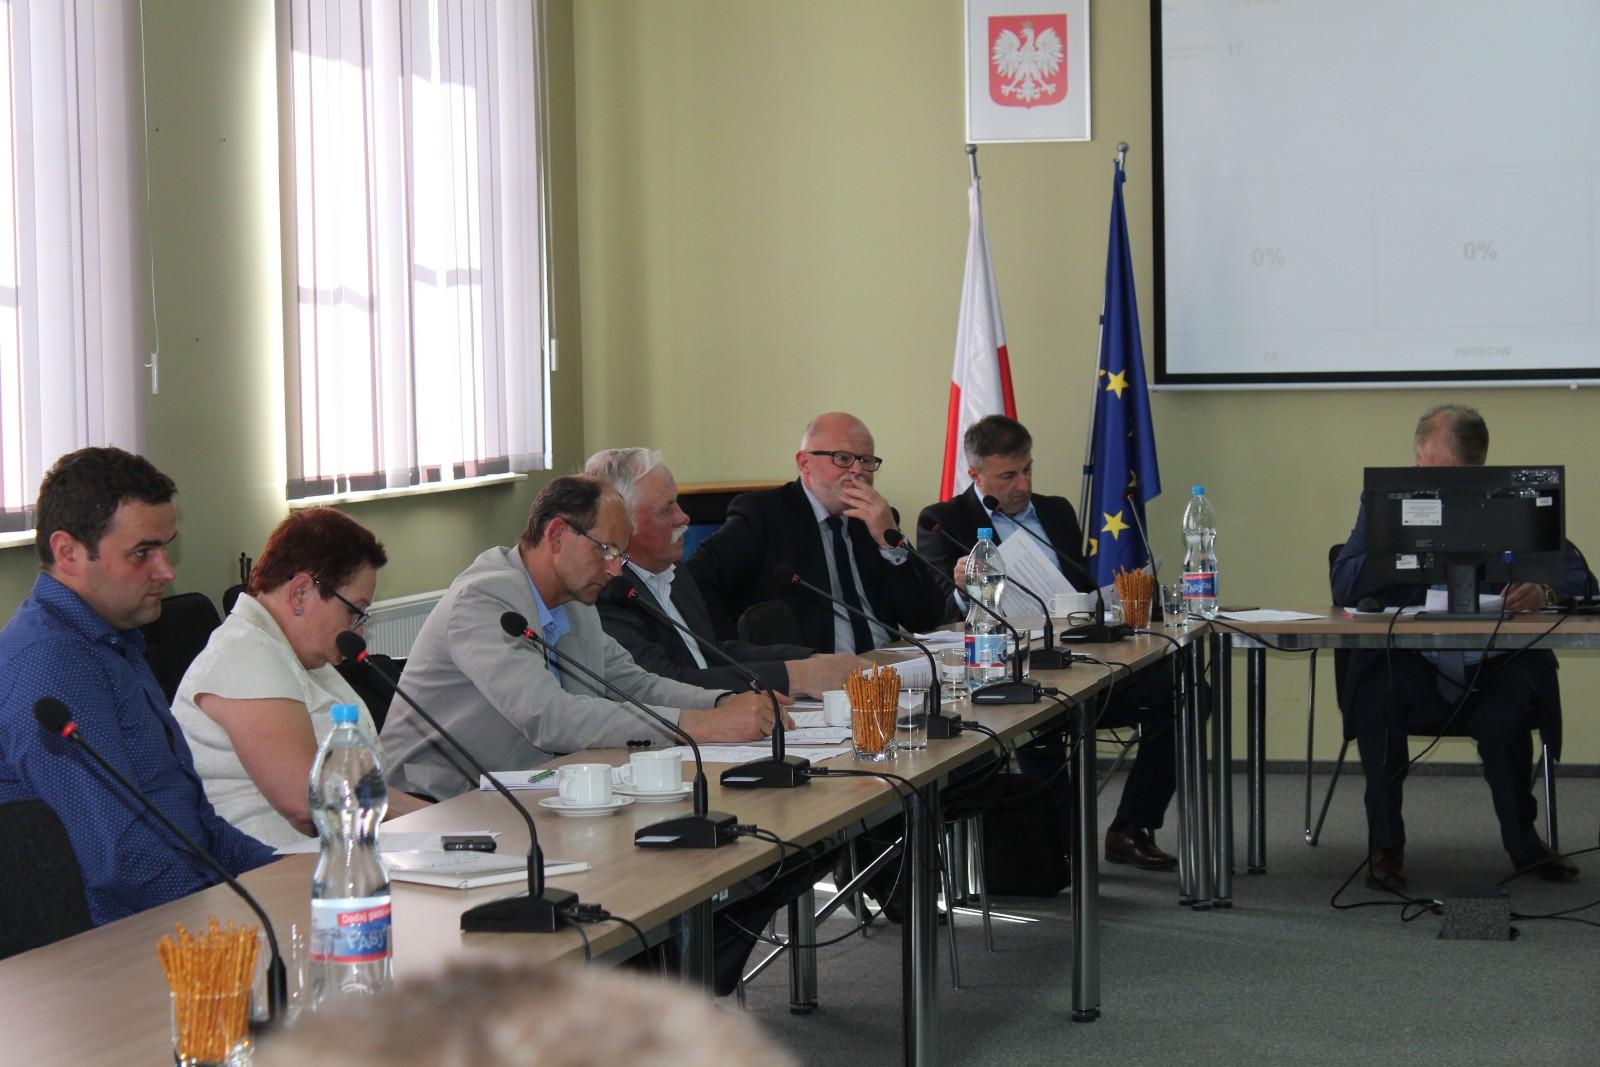 Ośrodek Edukacji Ekologicznej w Ożennej - Powiat Jasło